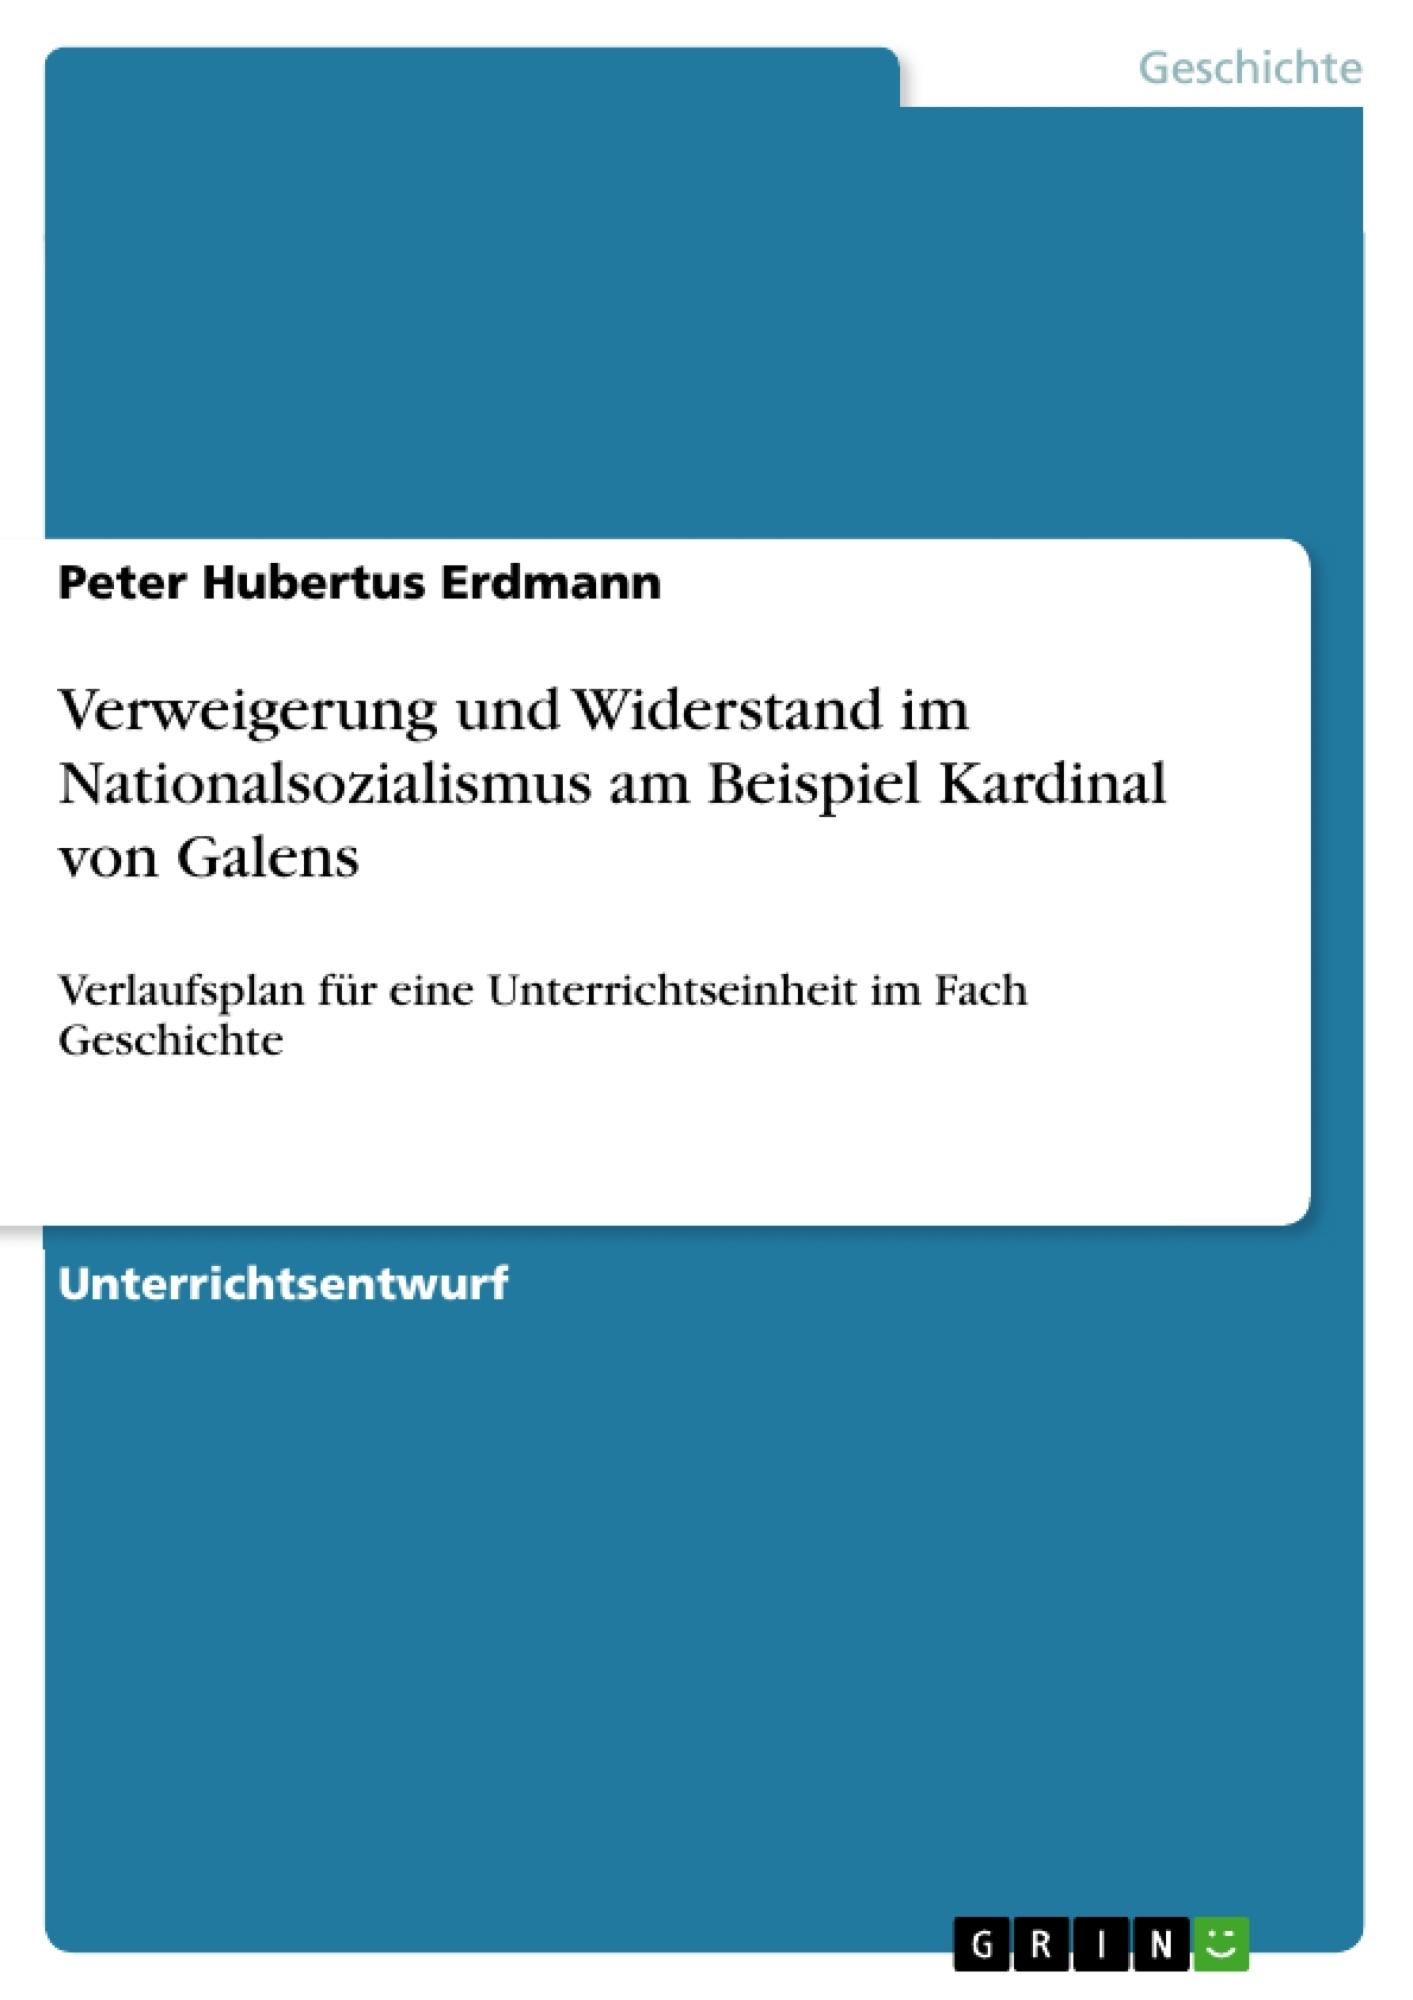 Titel: Verweigerung und Widerstand im Nationalsozialismus am Beispiel Kardinal von Galens